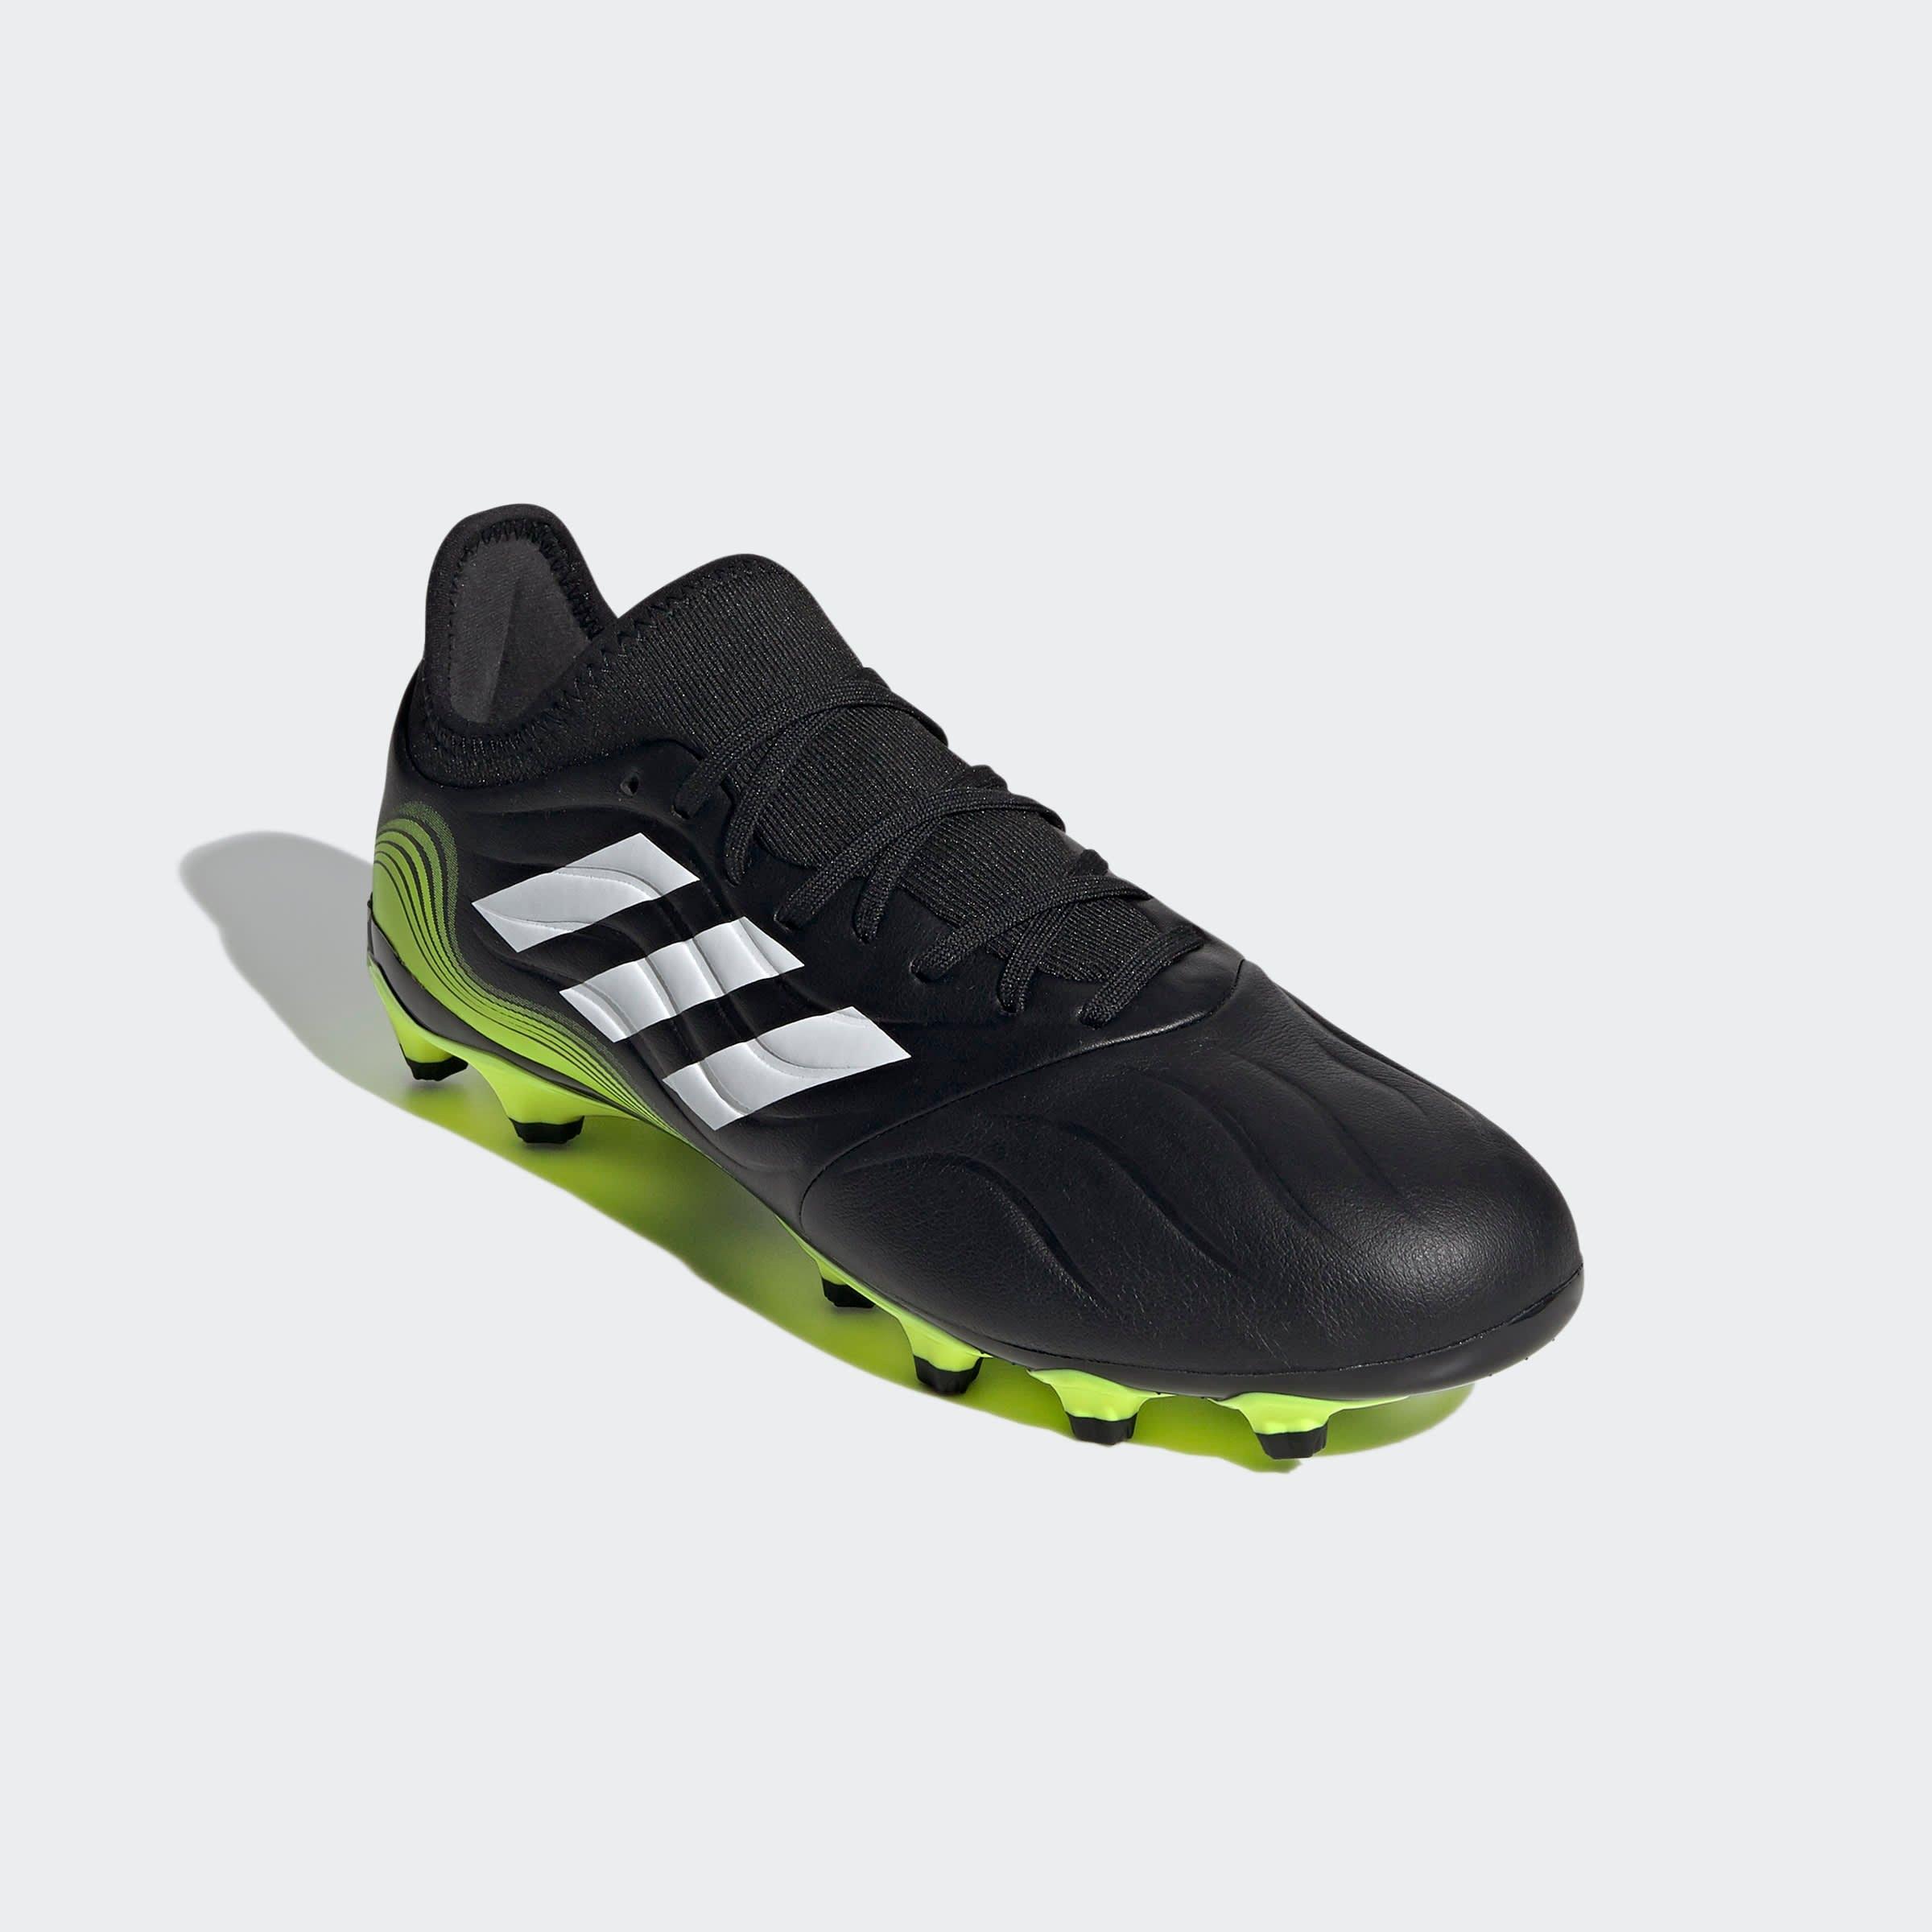 adidas Performance voetbalschoenen COPA SENSE.3 MG voordelig en veilig online kopen